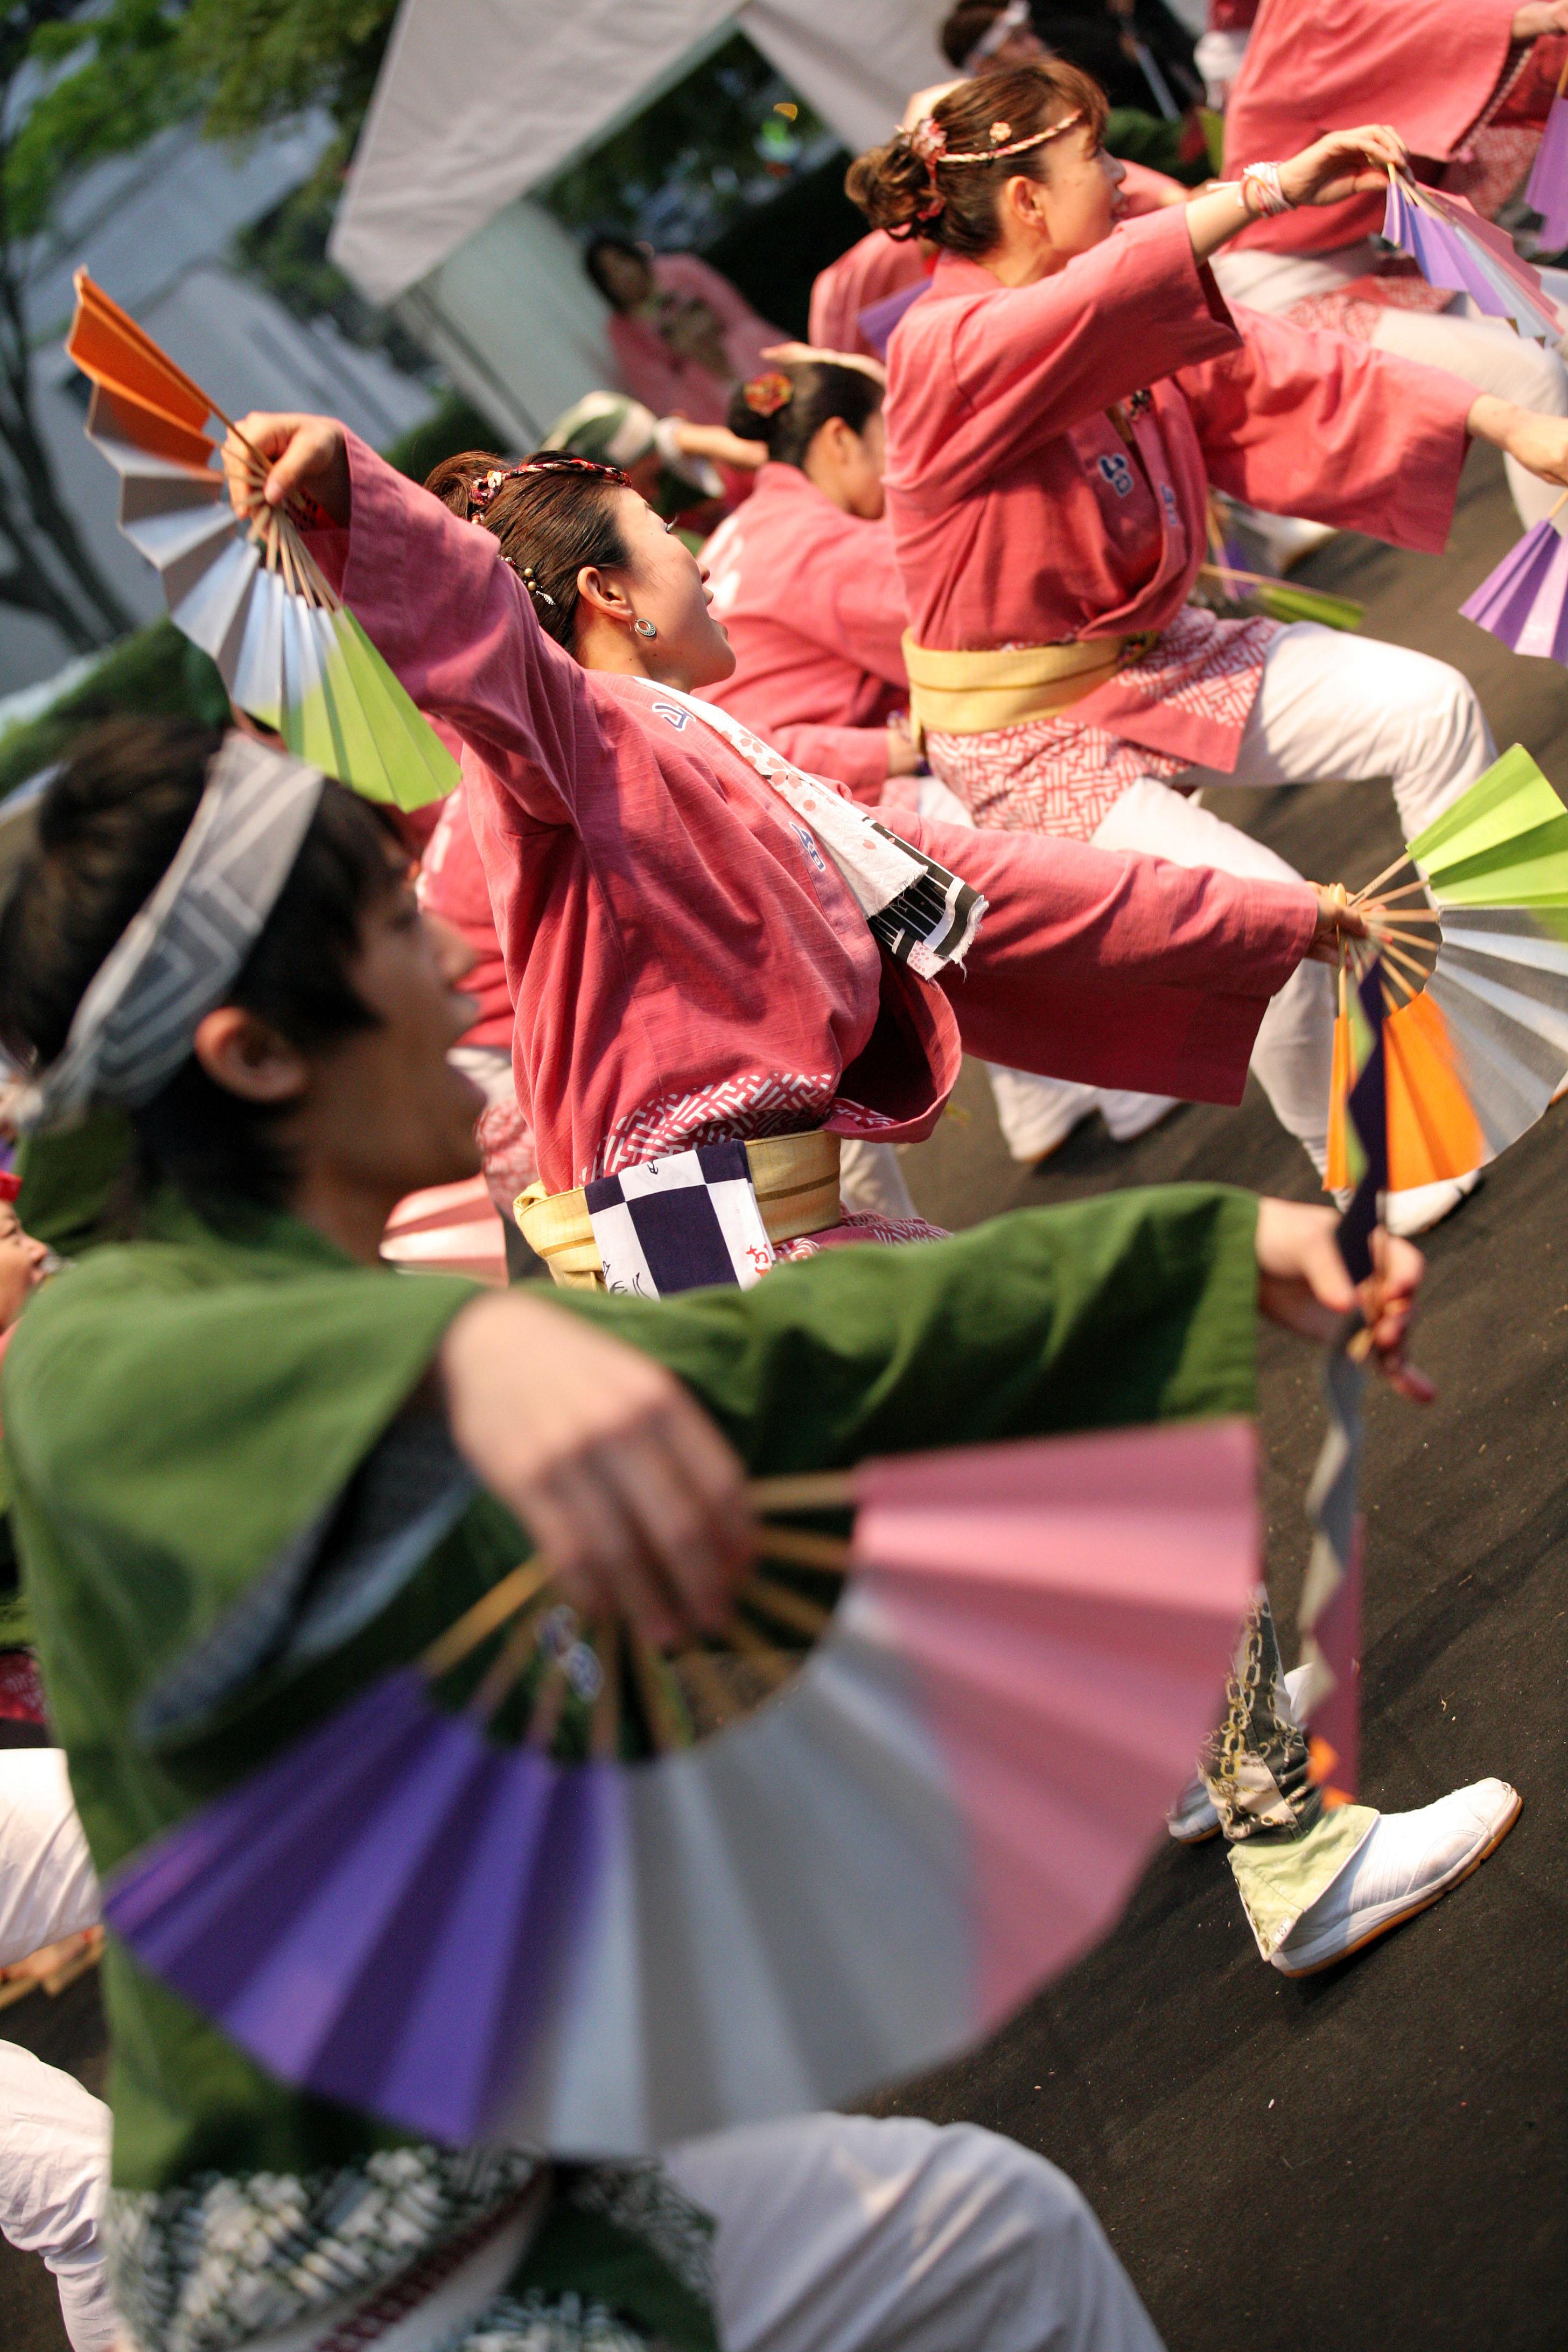 すずめ踊り2(要クレジット表記)写真提供:仙台・青葉まつり協賛会